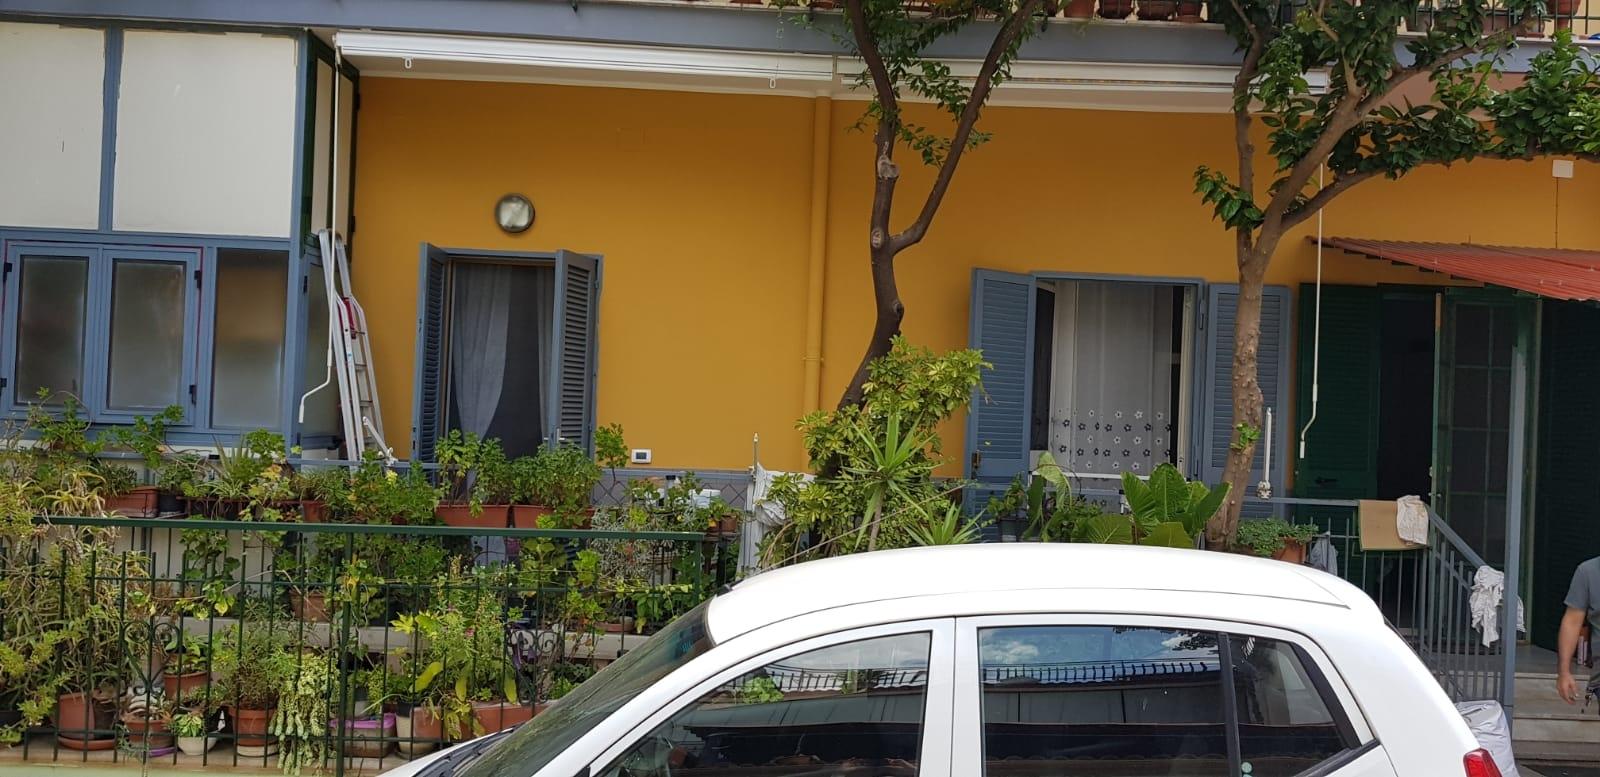 Soluzione Semindipendente in vendita a Brusciano, 3 locali, prezzo € 150.000 | CambioCasa.it